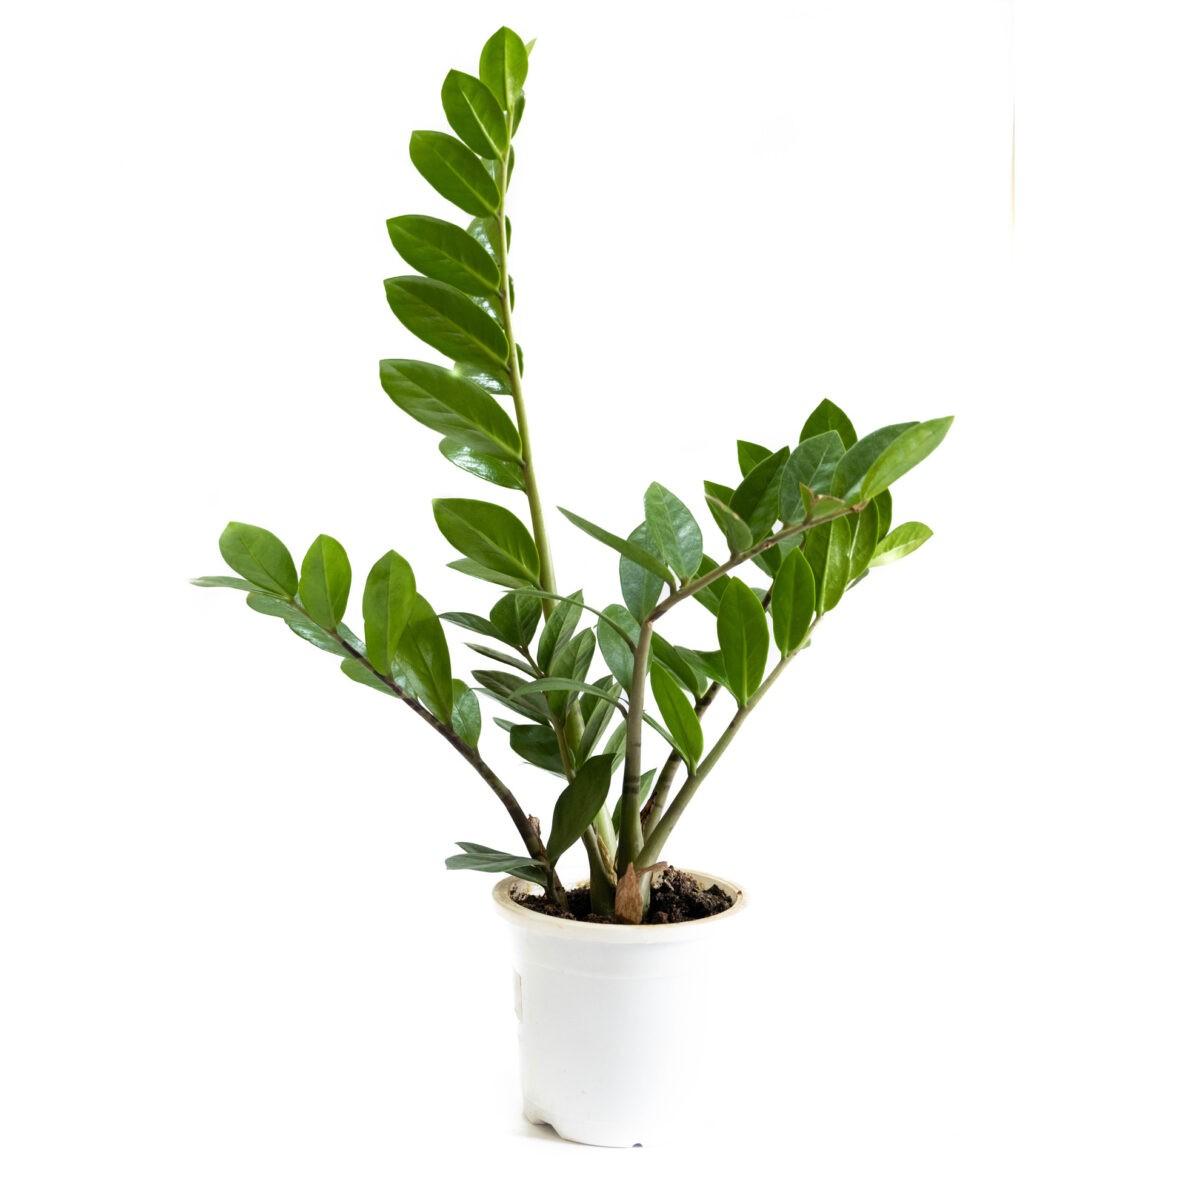 Zz Zamia Plant